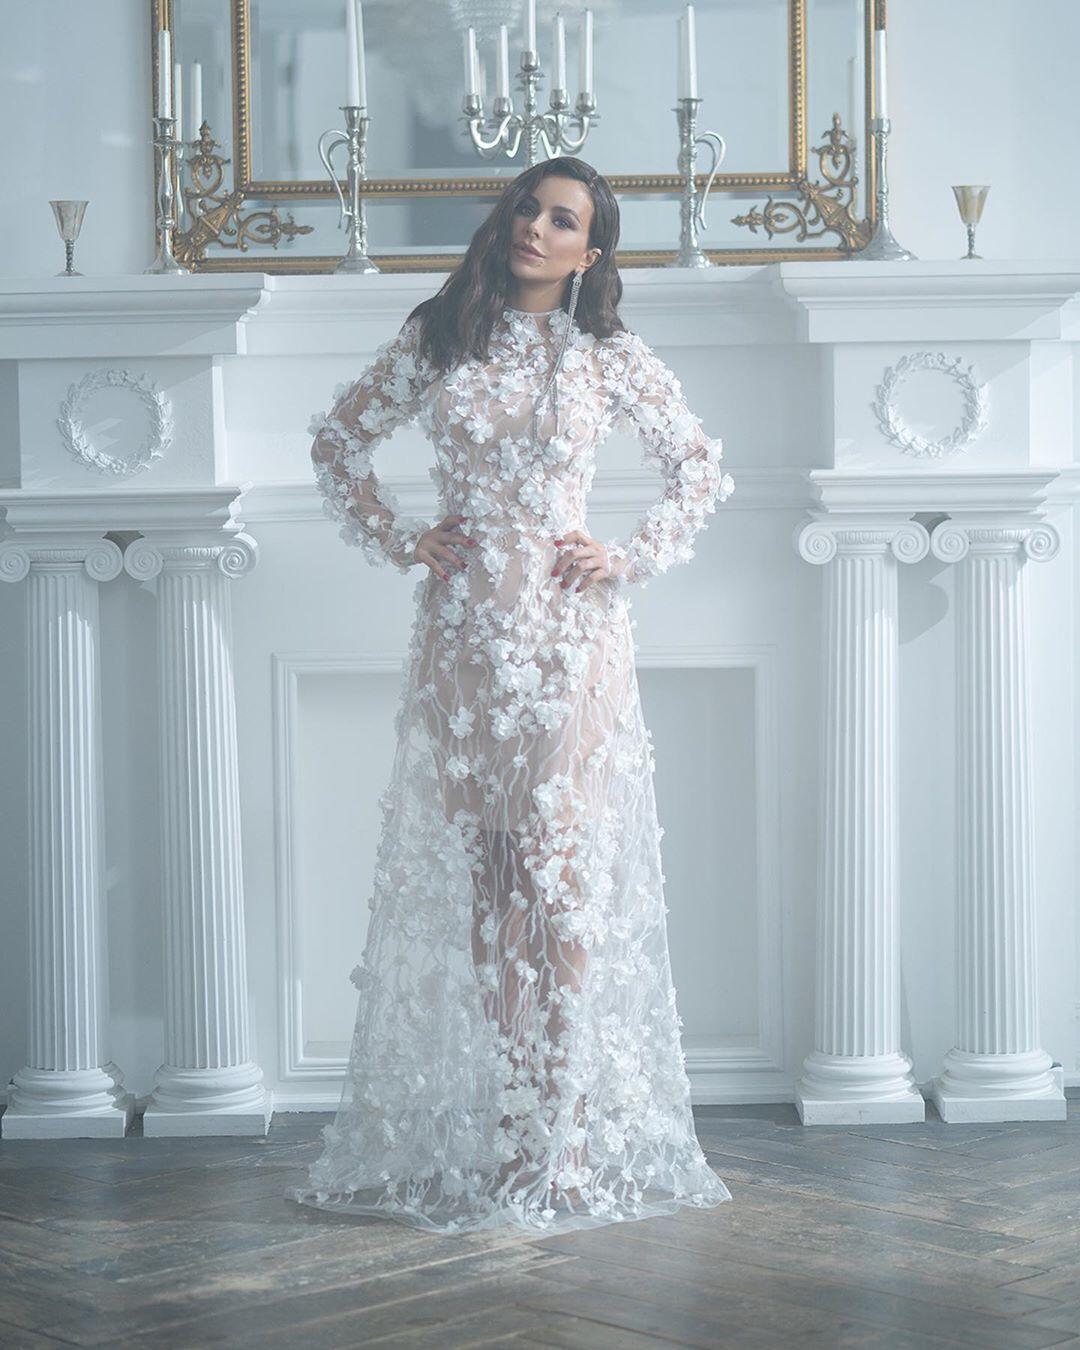 Ані Лорак одягла весільну сукню, здивувавши фанатів. Свіжі фото